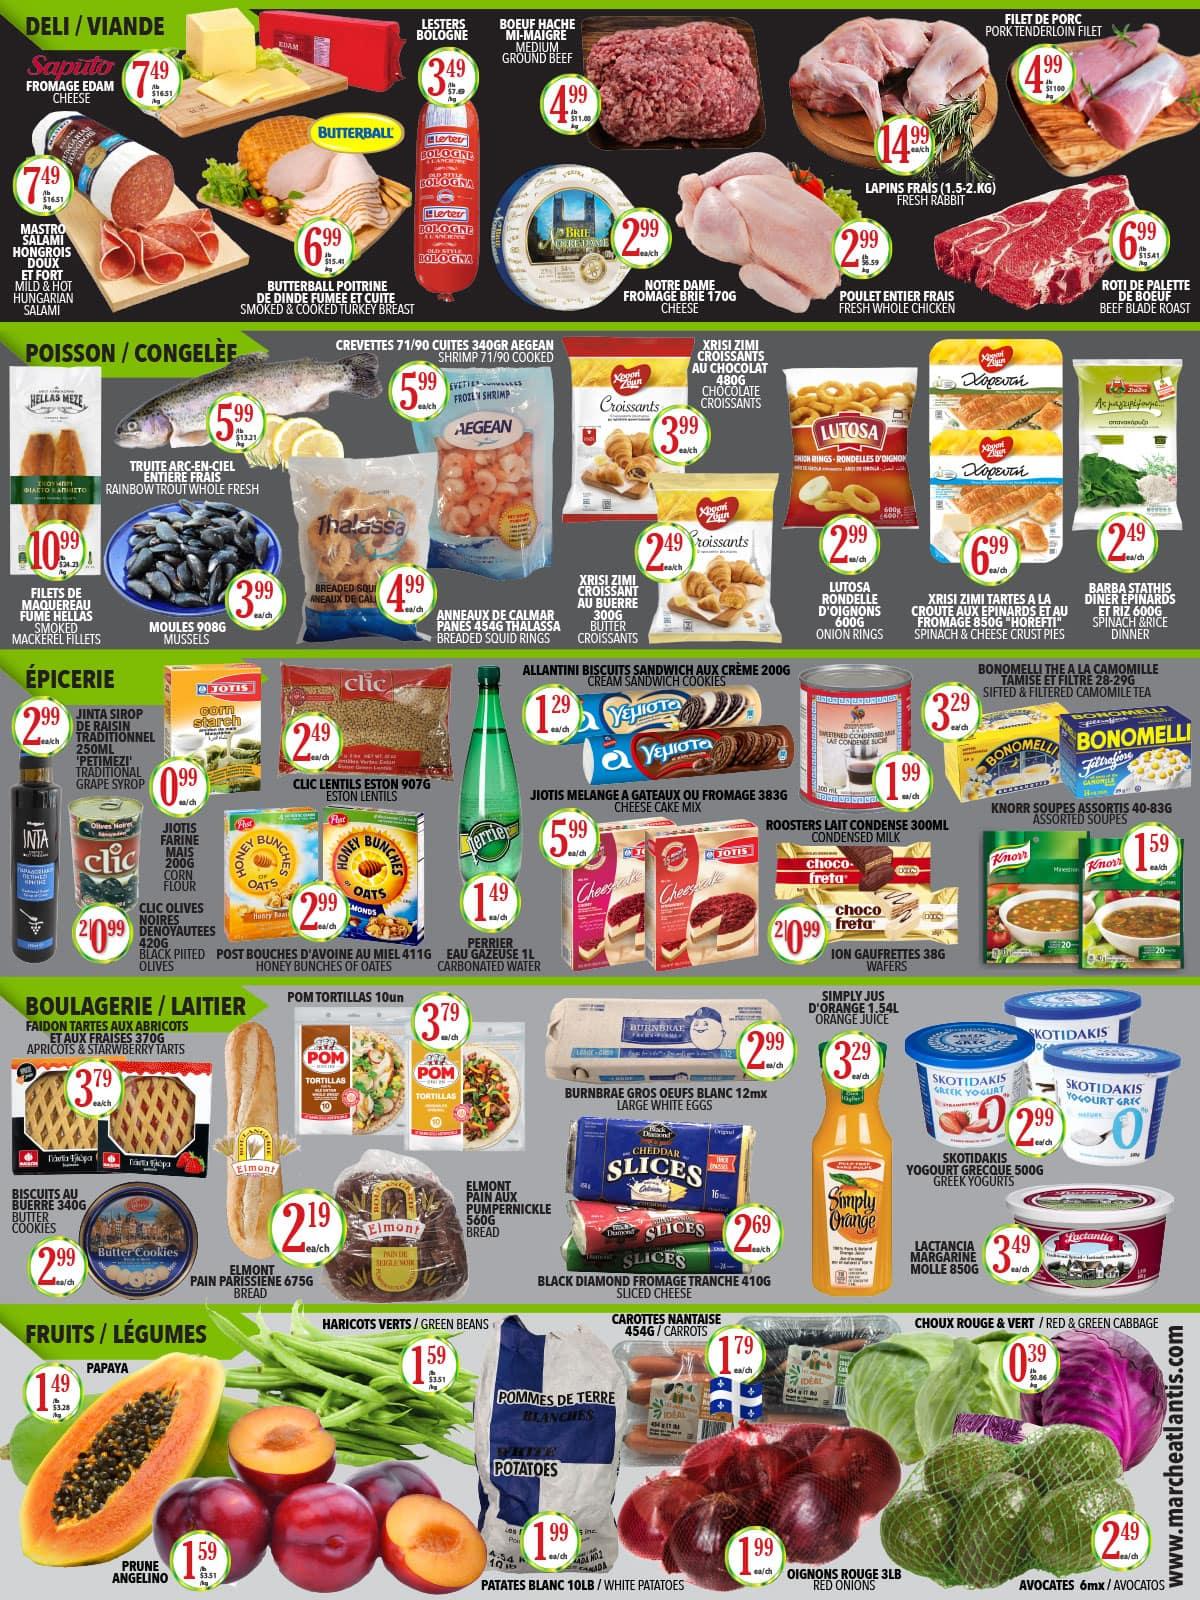 Circulaire Supermarché Atlantis du 14 au 20 octobre 2021 - Page 2